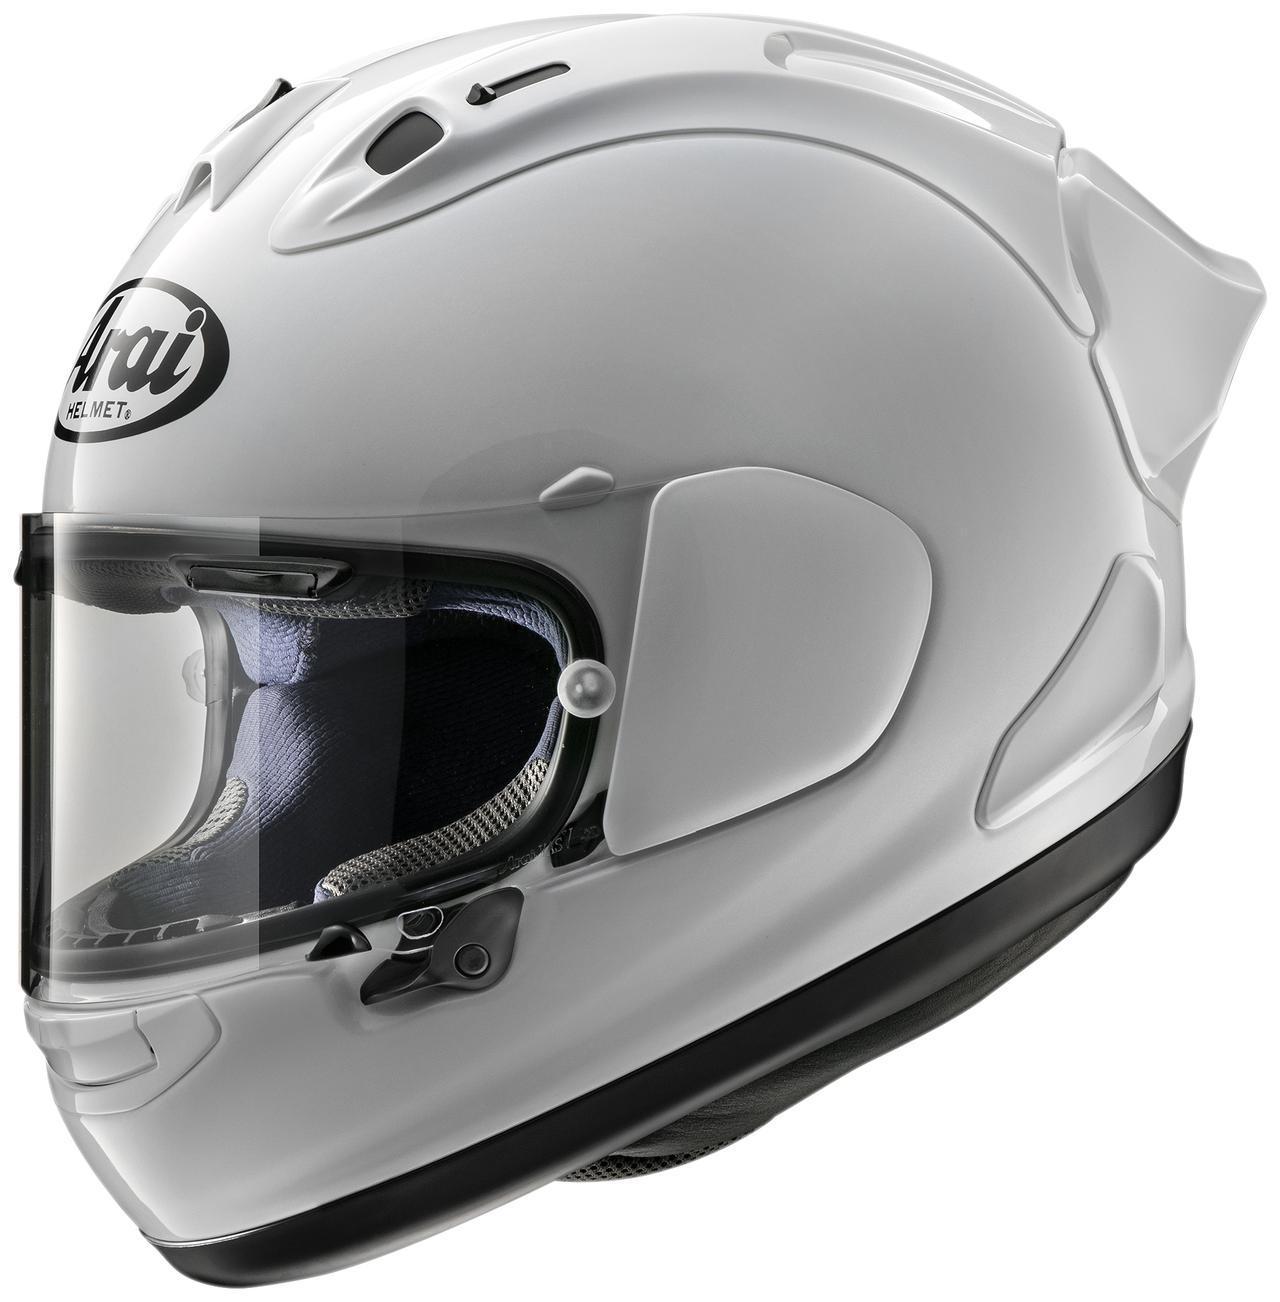 画像1: 後頭部に注目! 待望のエアロデバイスを採用した本格レーサー仕様のヘルメット